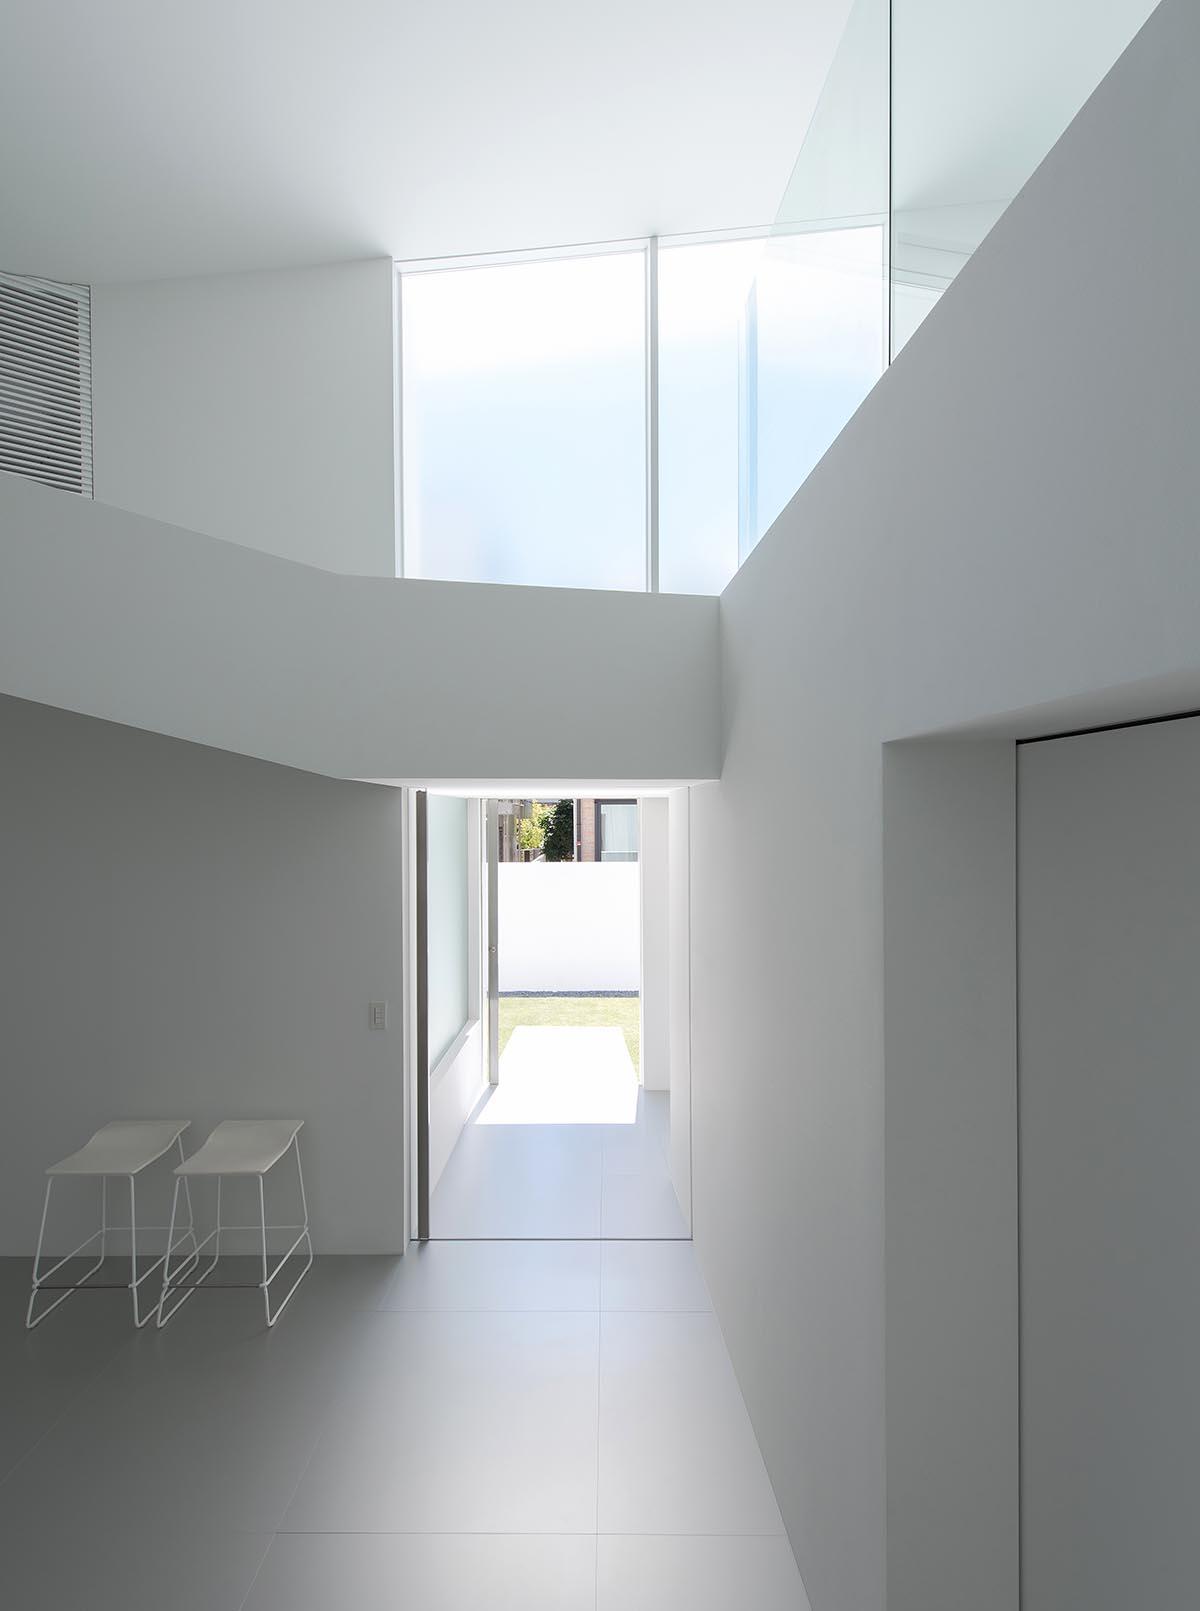 topological-folding-house-takashi-yamaguchi-associates-01